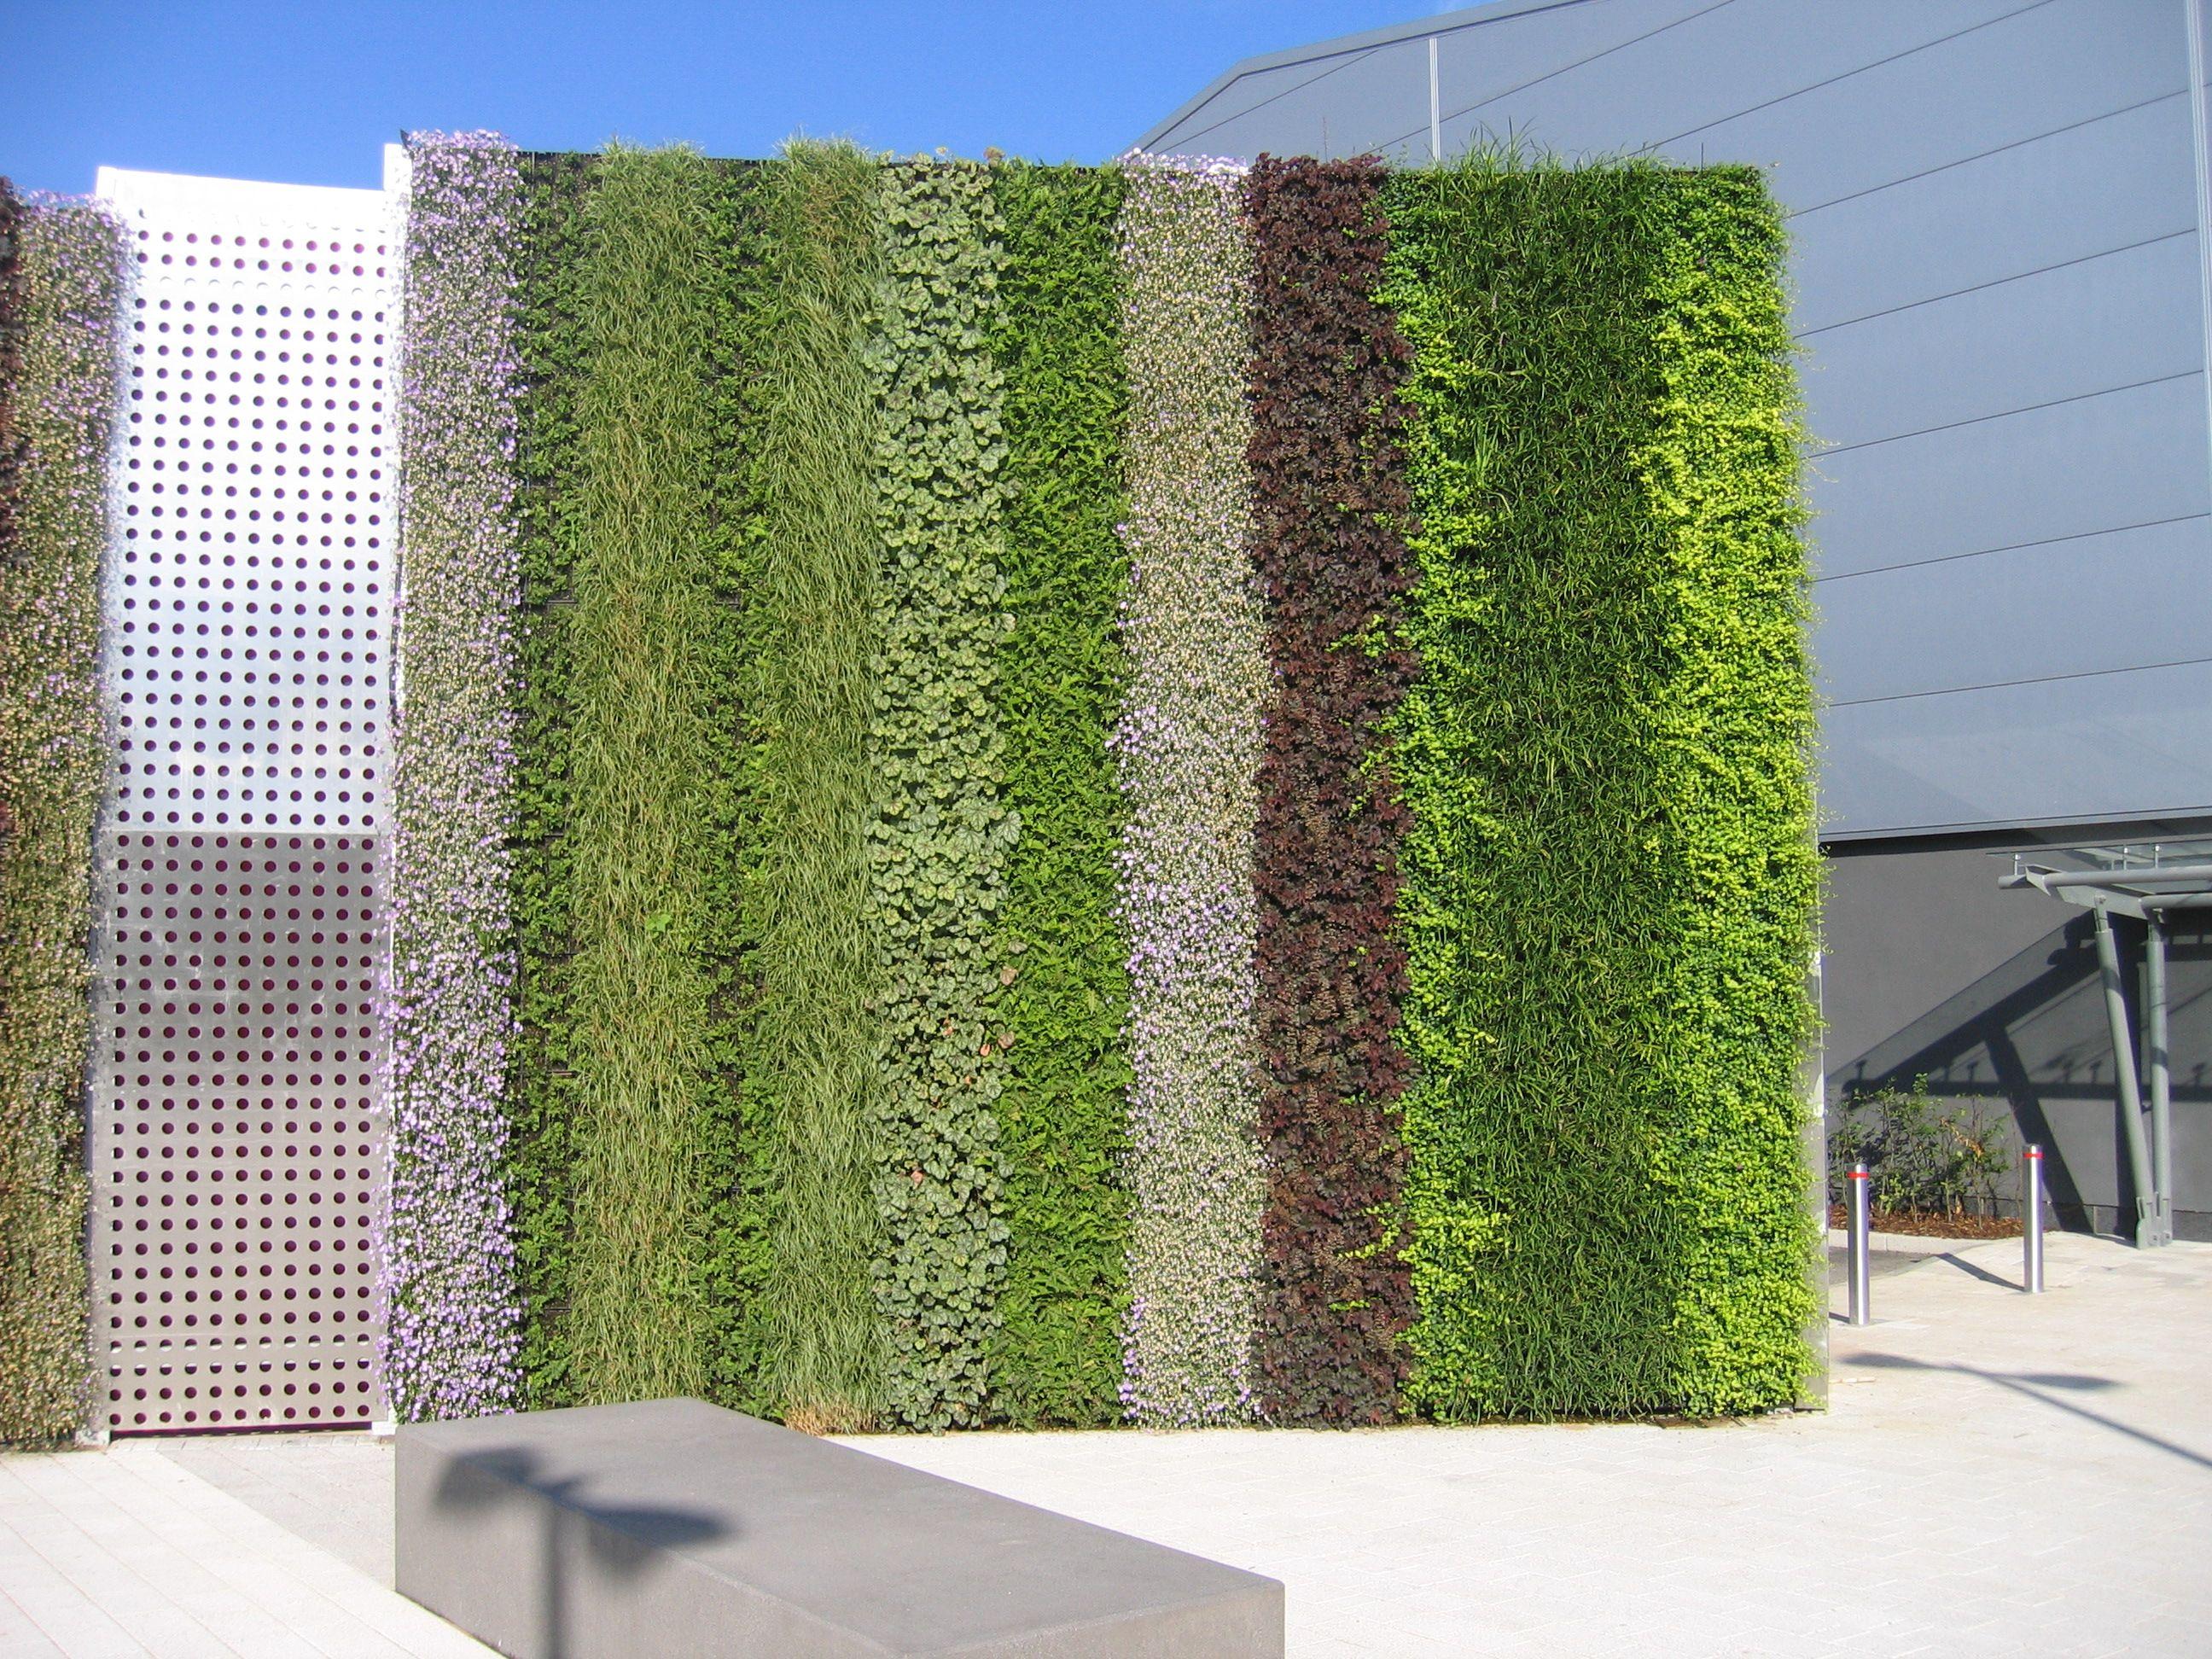 Green living walls vertical garden green living walls for Living walls vertical gardens